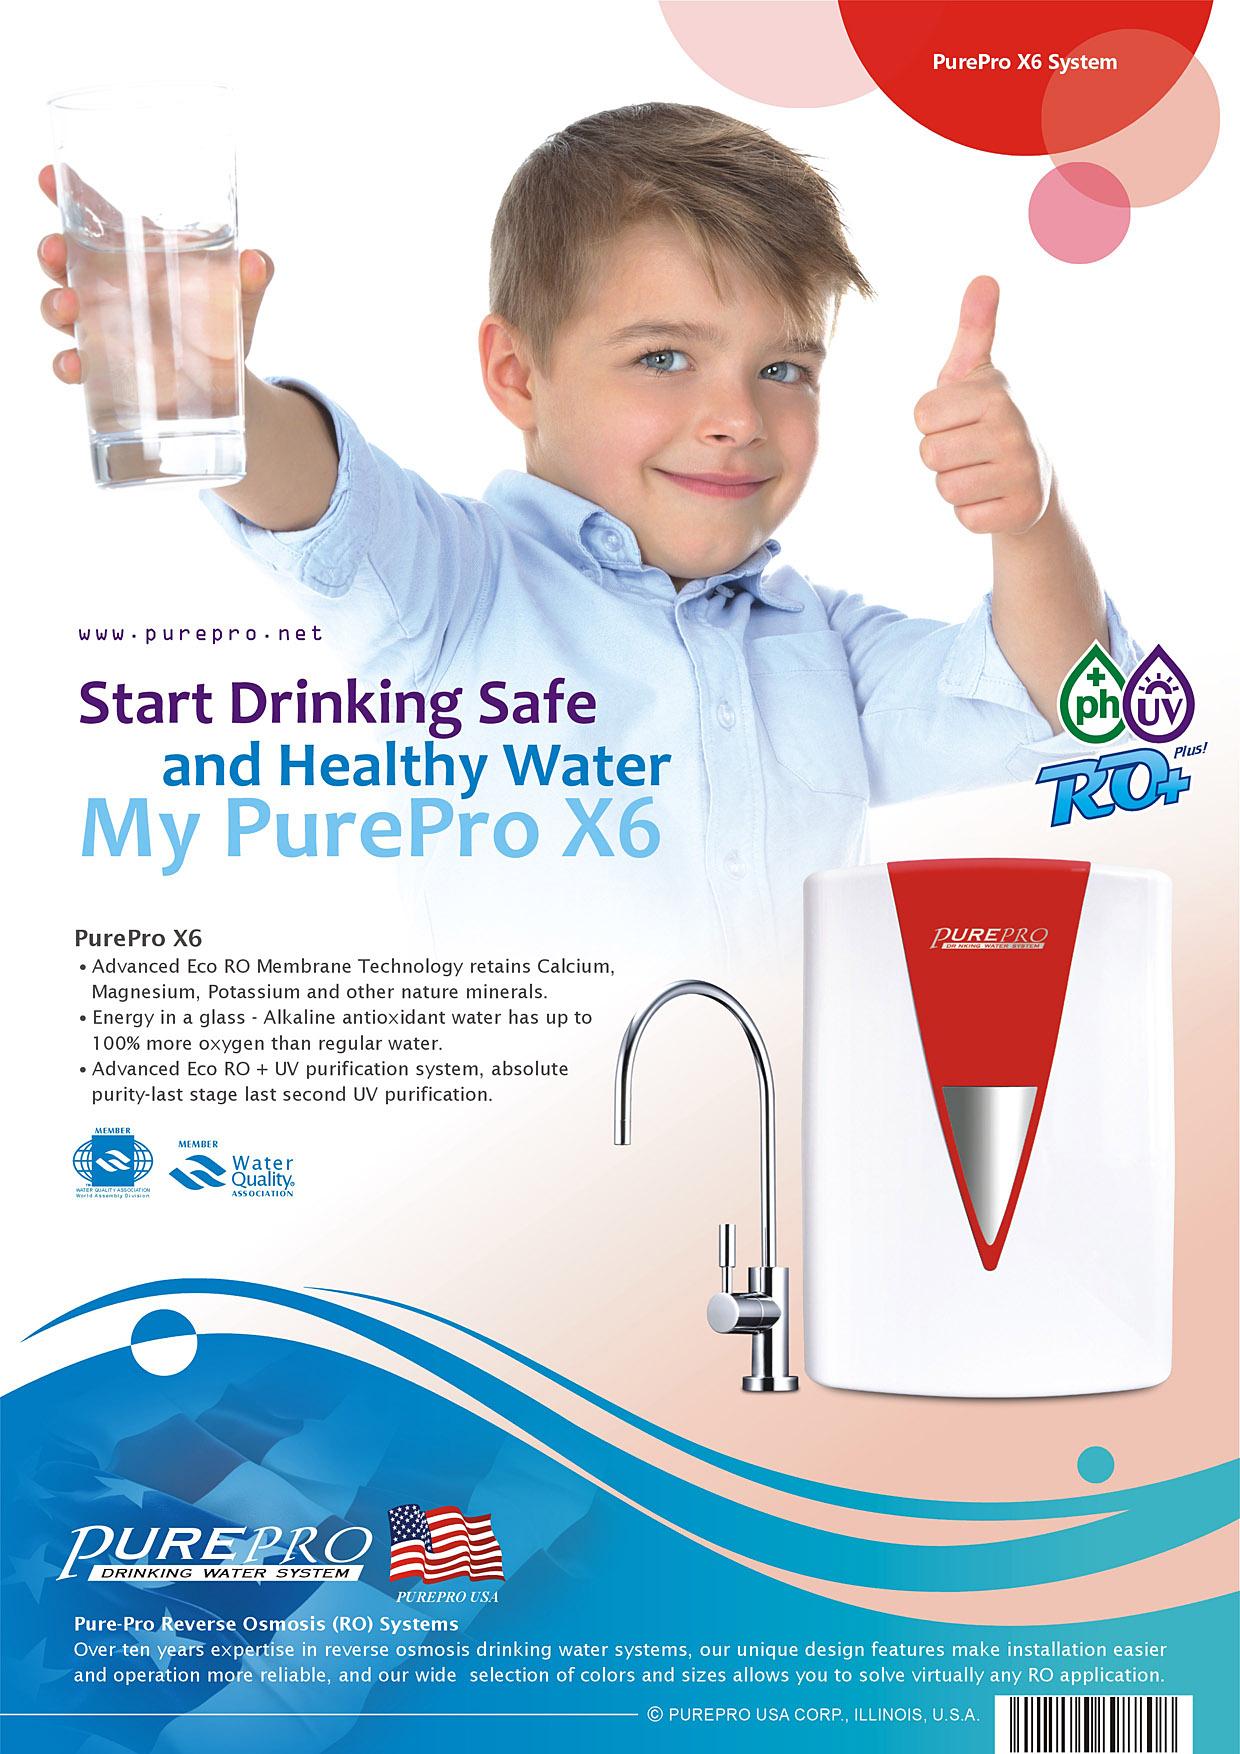 美國PurePro® X6 紫外線鹼性RO活水機 -年度最夯淨水器: 美國PurePro® X6 (法拉利紅)